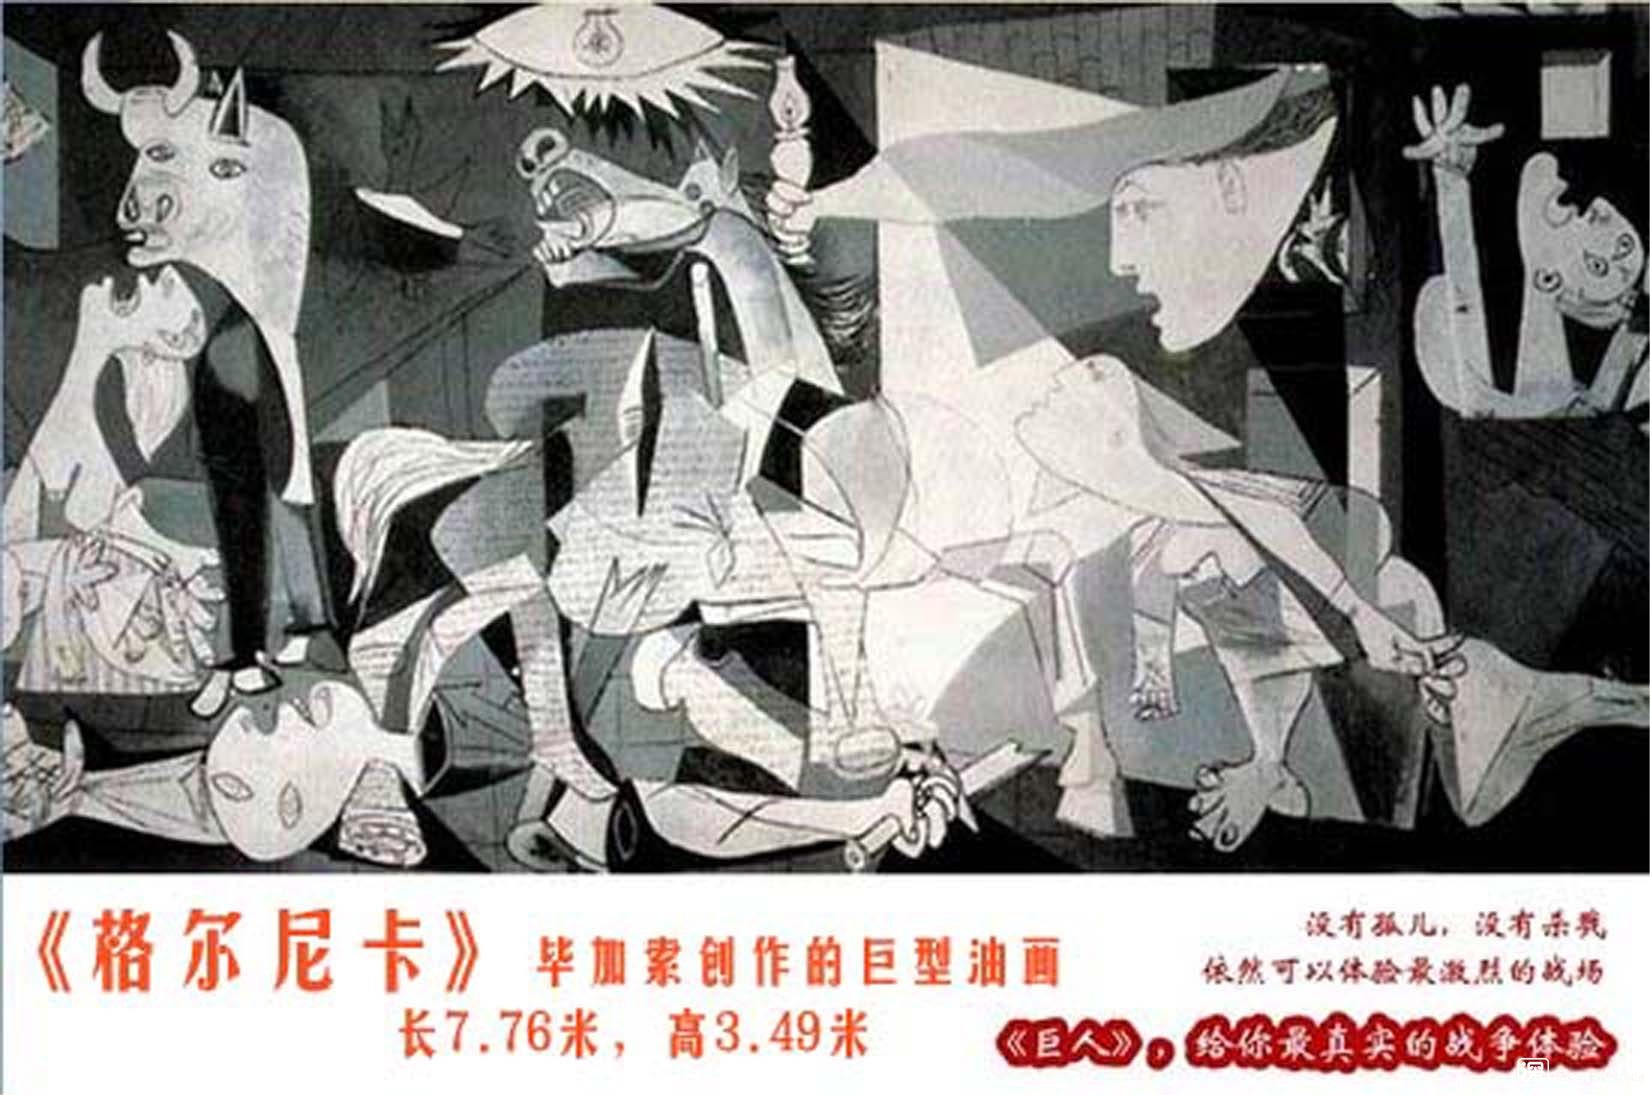 1 《格尔尼卡》毕加索创作的巨型油画,长7.76米,高3.49米.jpg